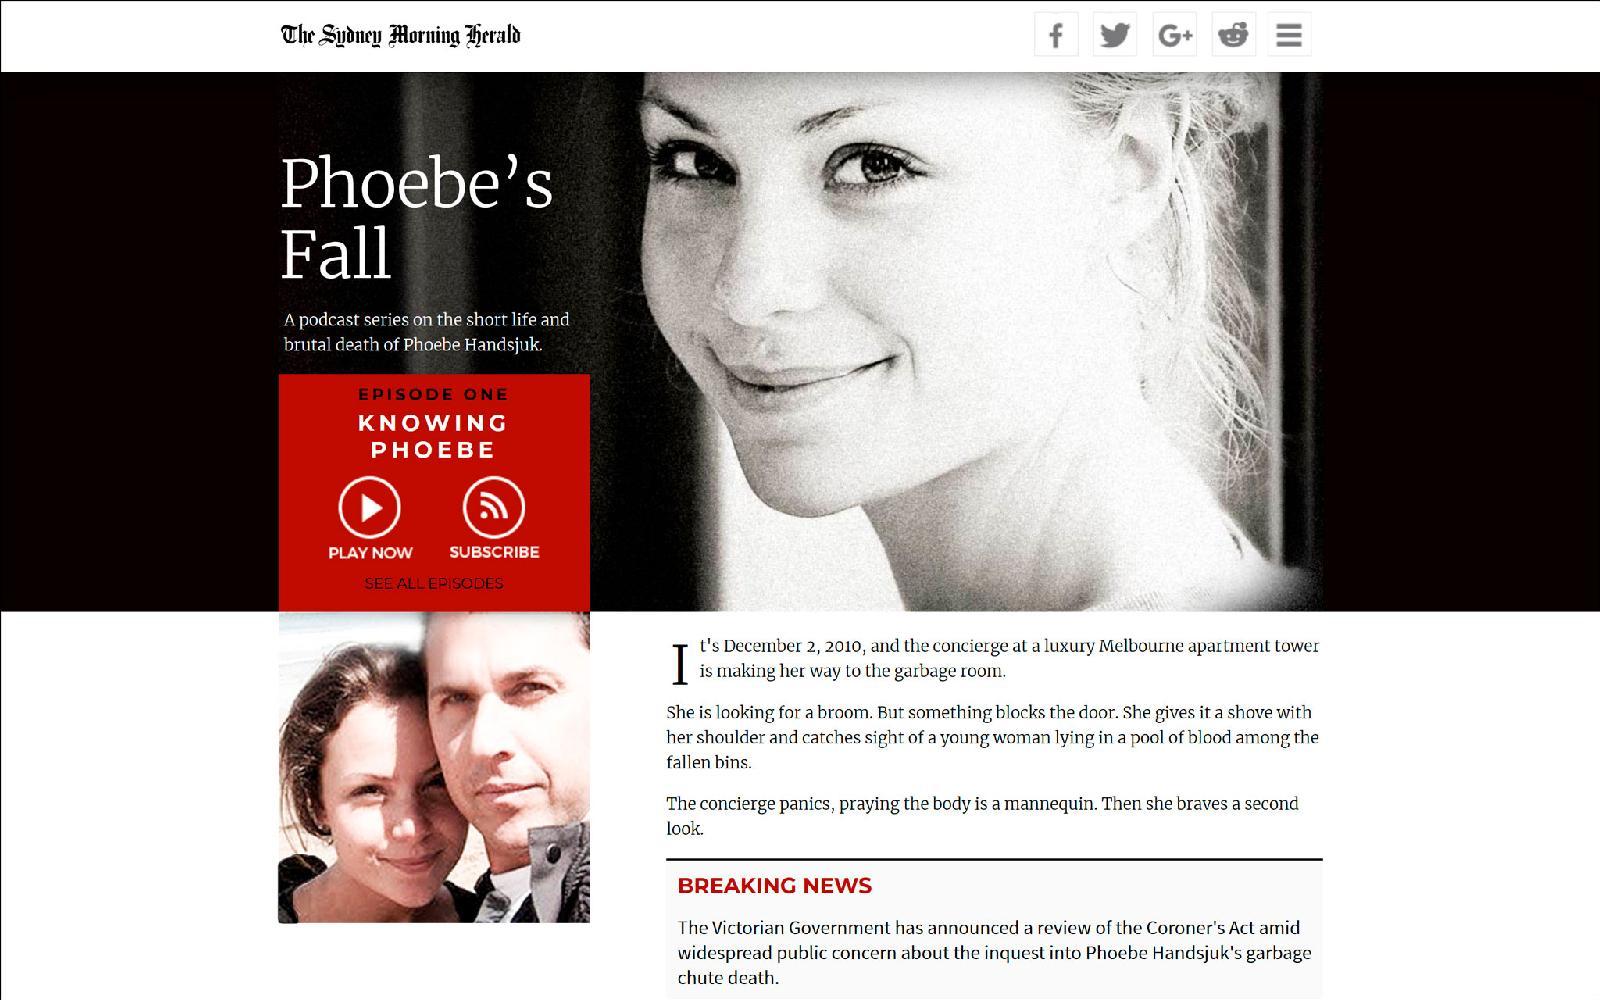 «Phoebe's Fall» («Падение Фиби») — один из самых громких подкастов, спродюсированных МакХью. Документальный аудиосериал о загадочной смерти девушки в мусоропроводе и развалившемся полицейском расследовании опубликовала газета The Sydney Morning Herald